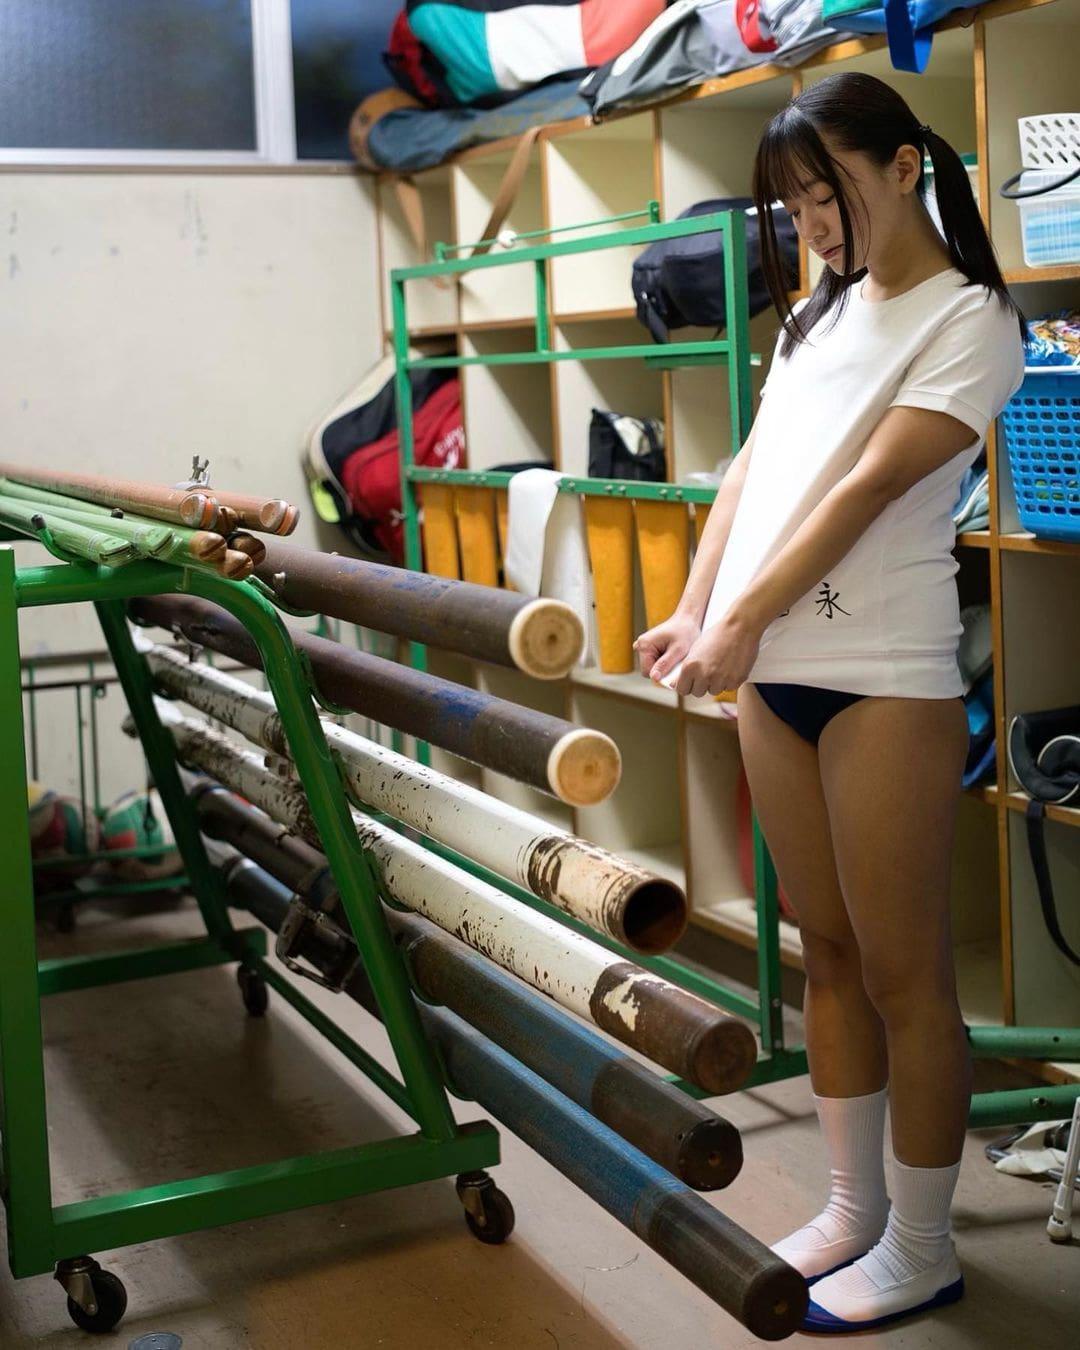 「倉庫で何やってるでしょう?」セクシーブルマ姿でファンを魅了【西永彩奈さん/2021年4月24日】